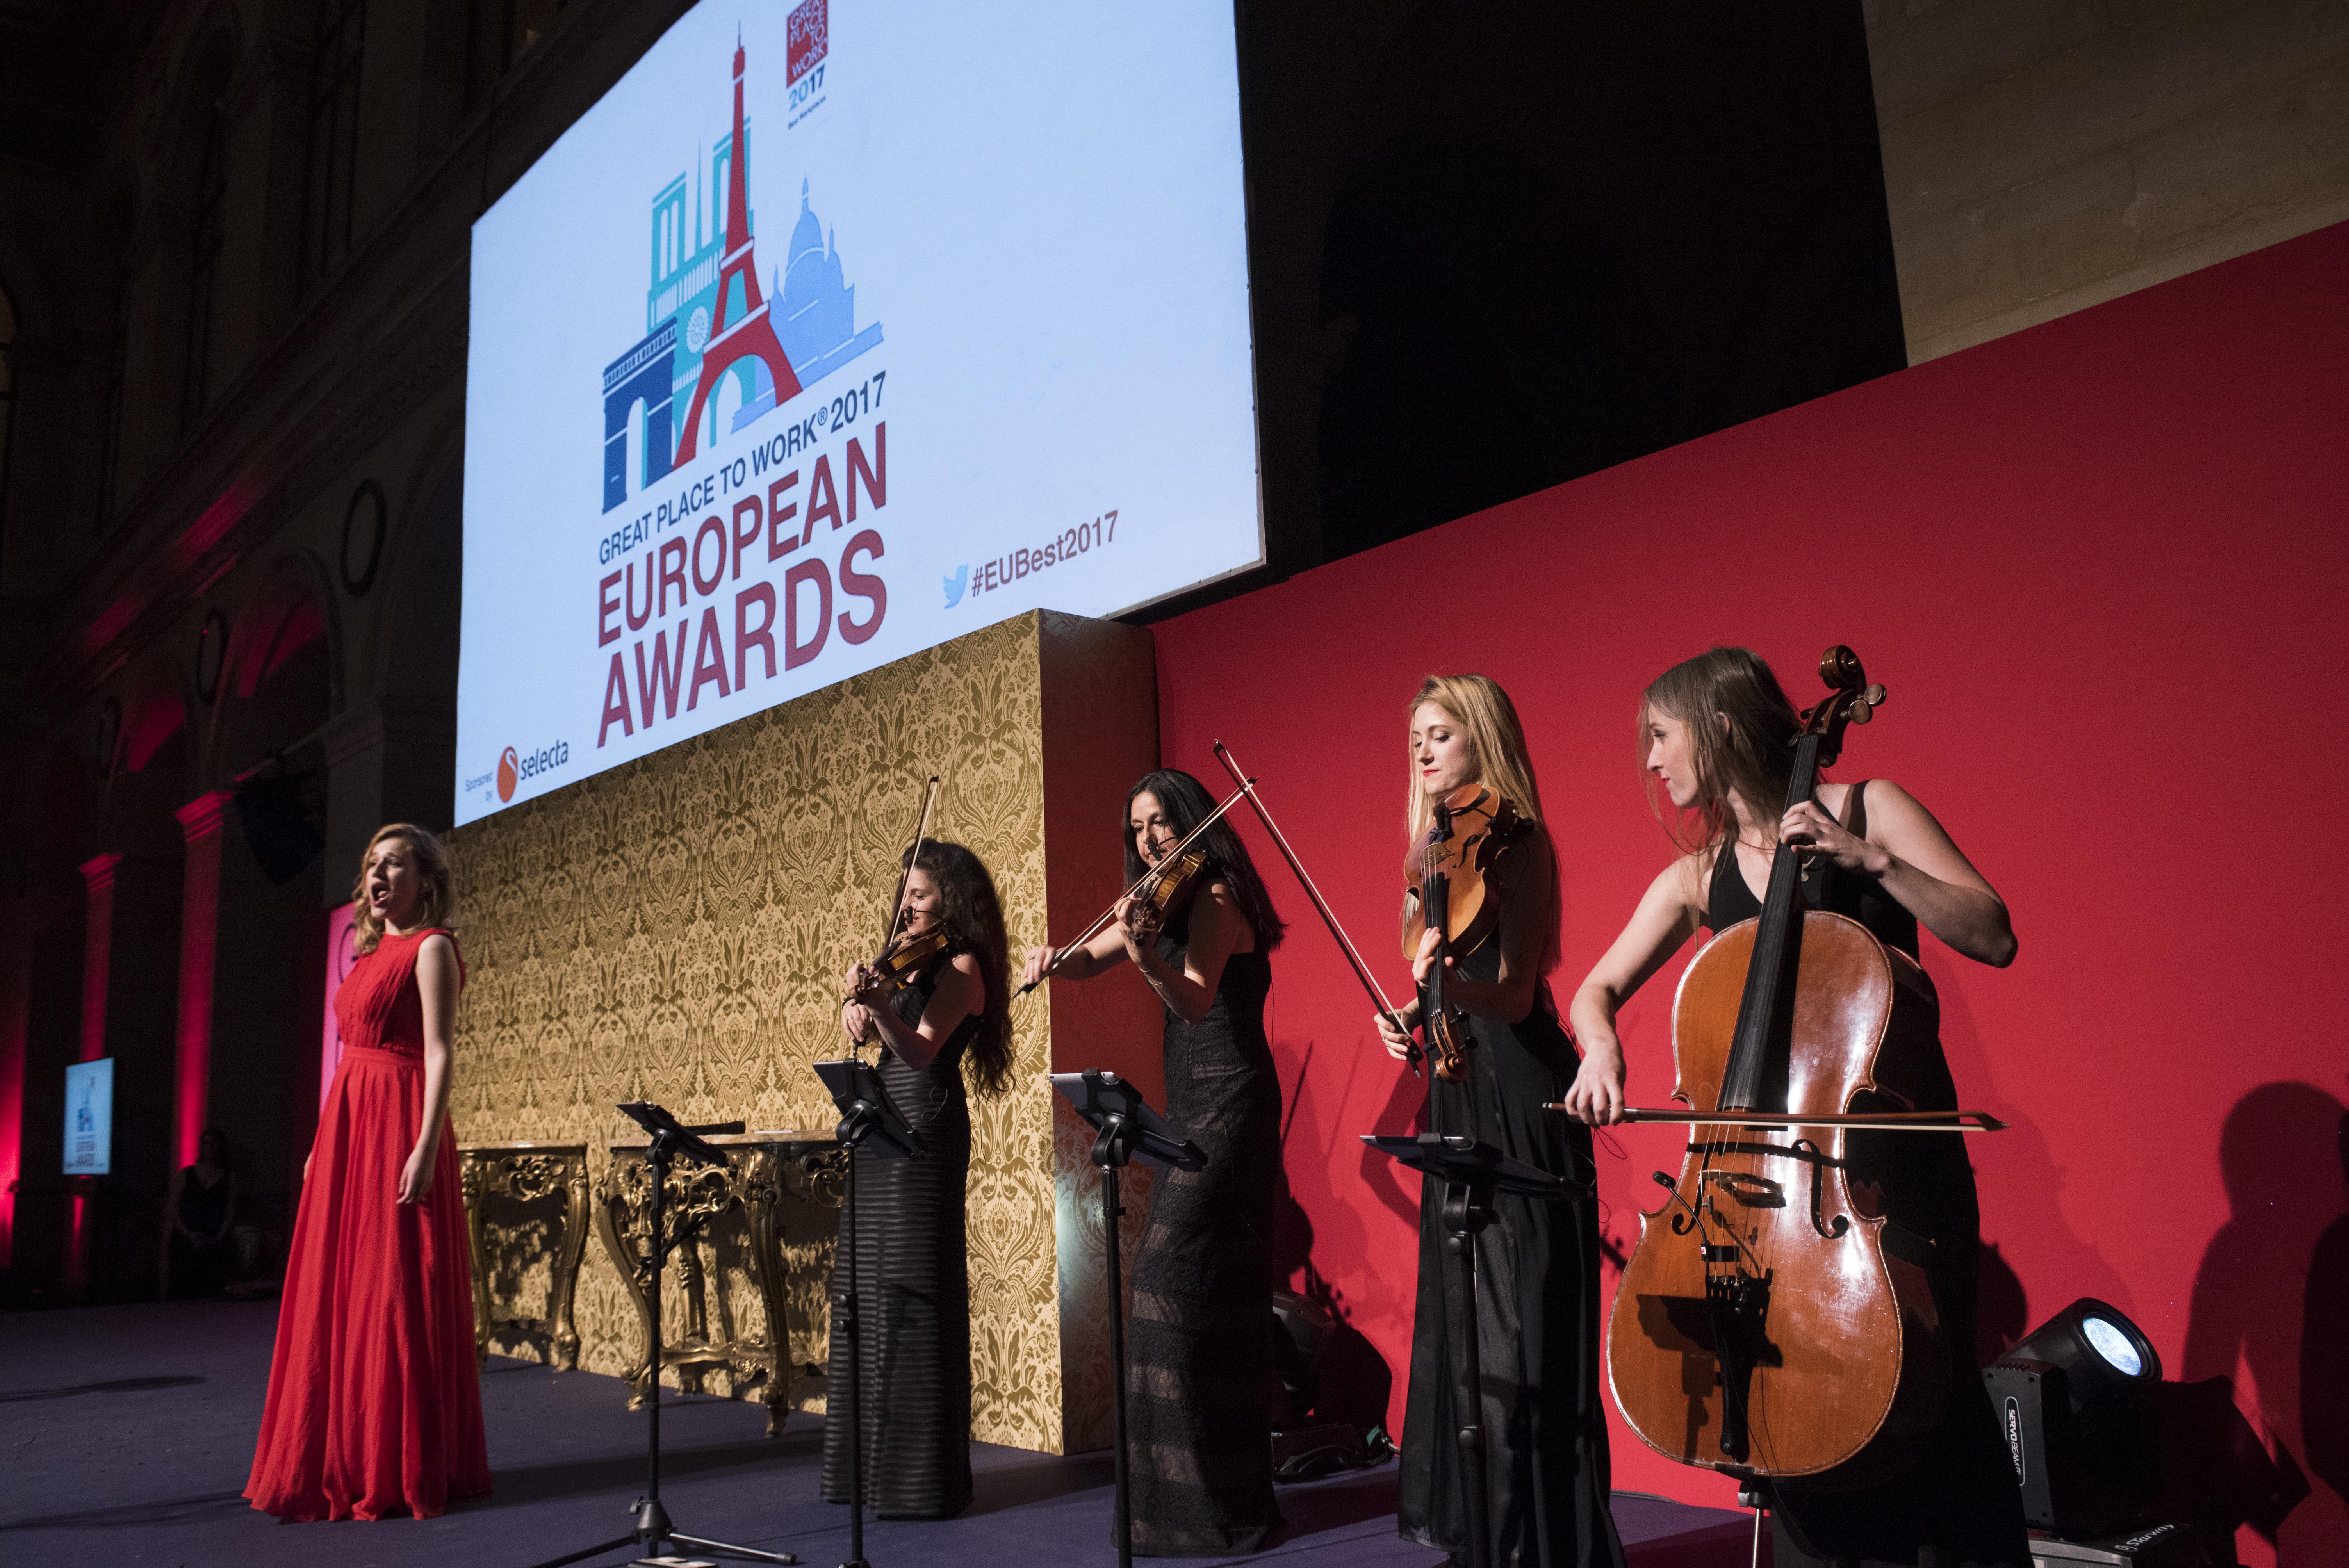 Soirée pour Europen Awards